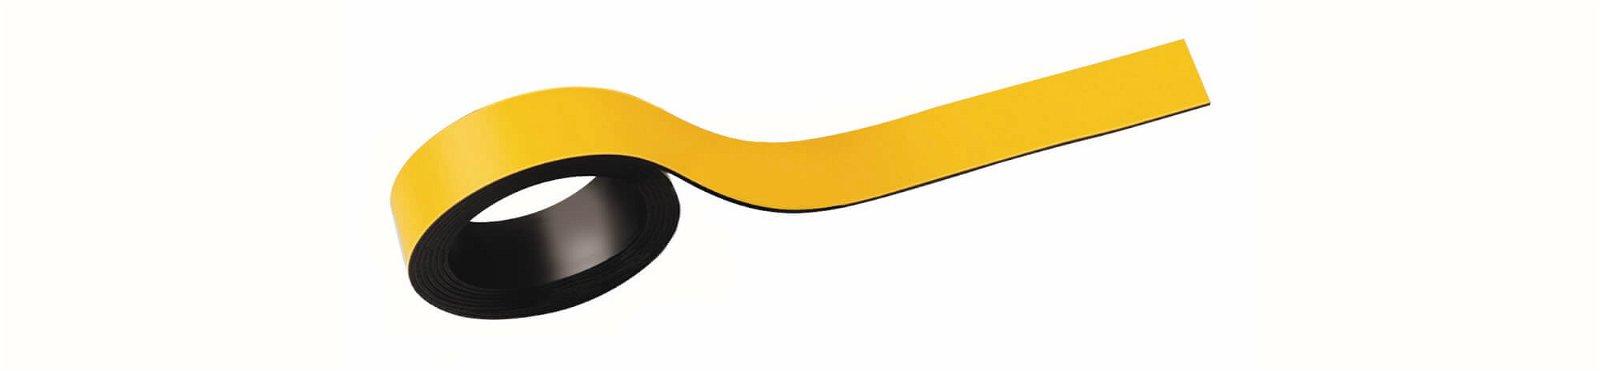 Magnetstreifen, 2x100 cm, 2 St./Set, gelb